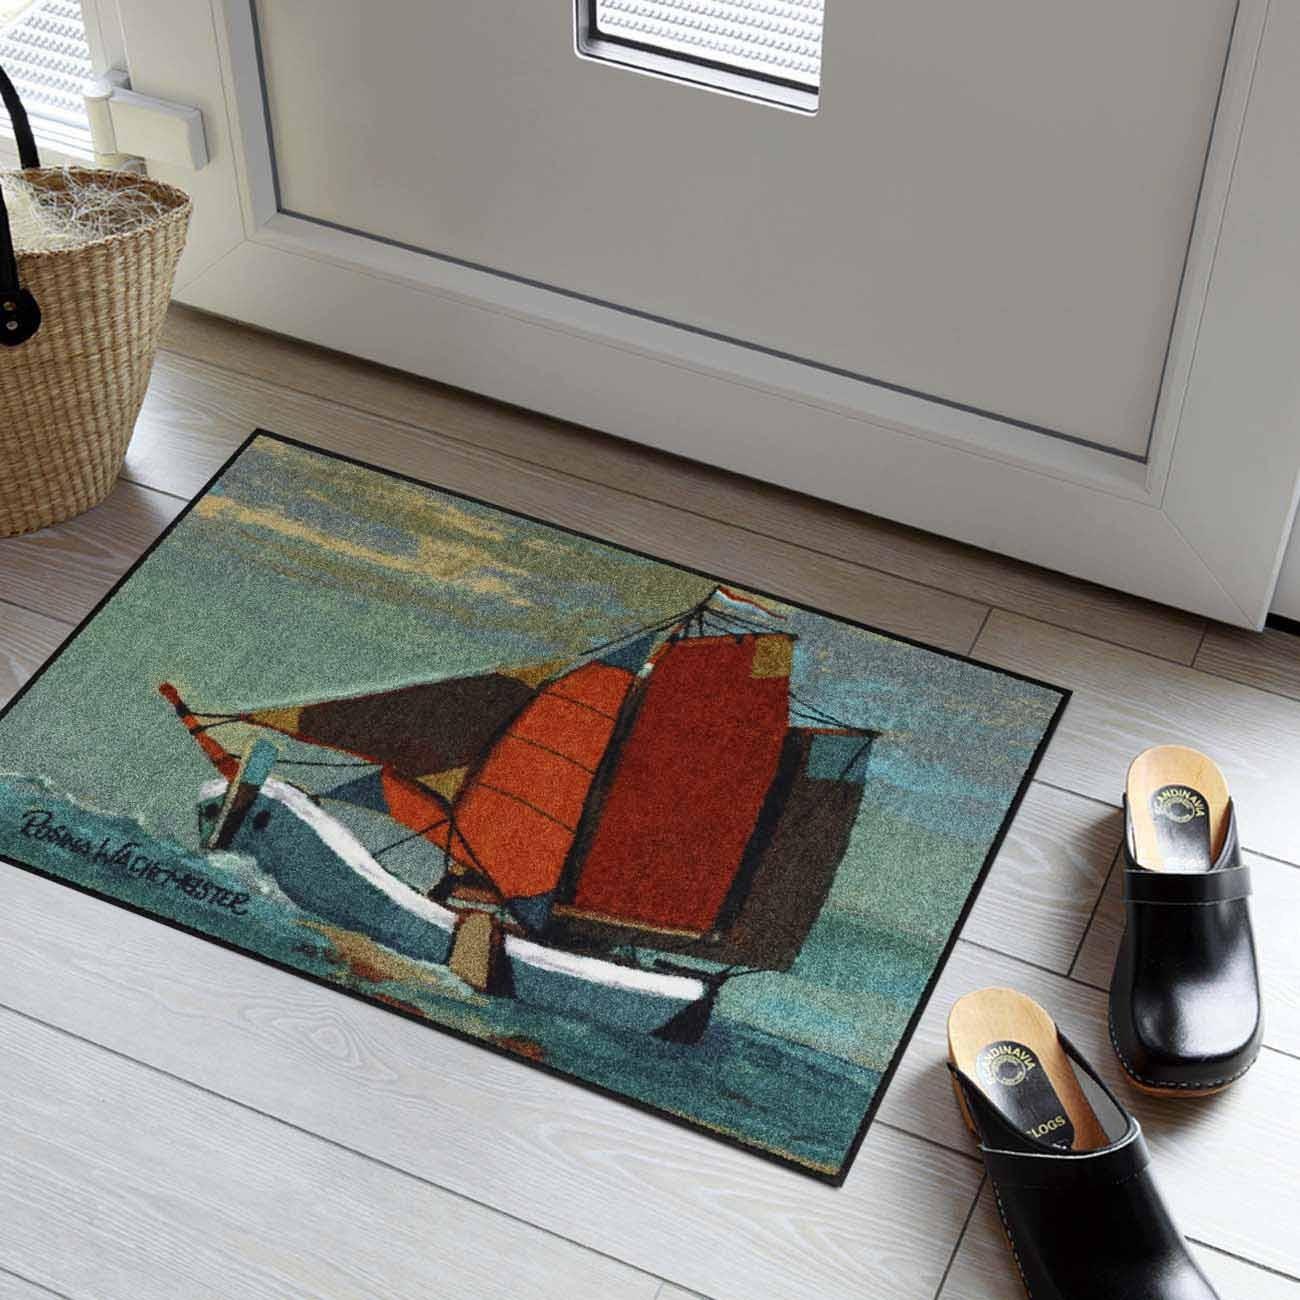 rosina wachtmeister fu matte waschbar sail away 50x75 cm sld1313 050x075 eingang garten fu matten. Black Bedroom Furniture Sets. Home Design Ideas